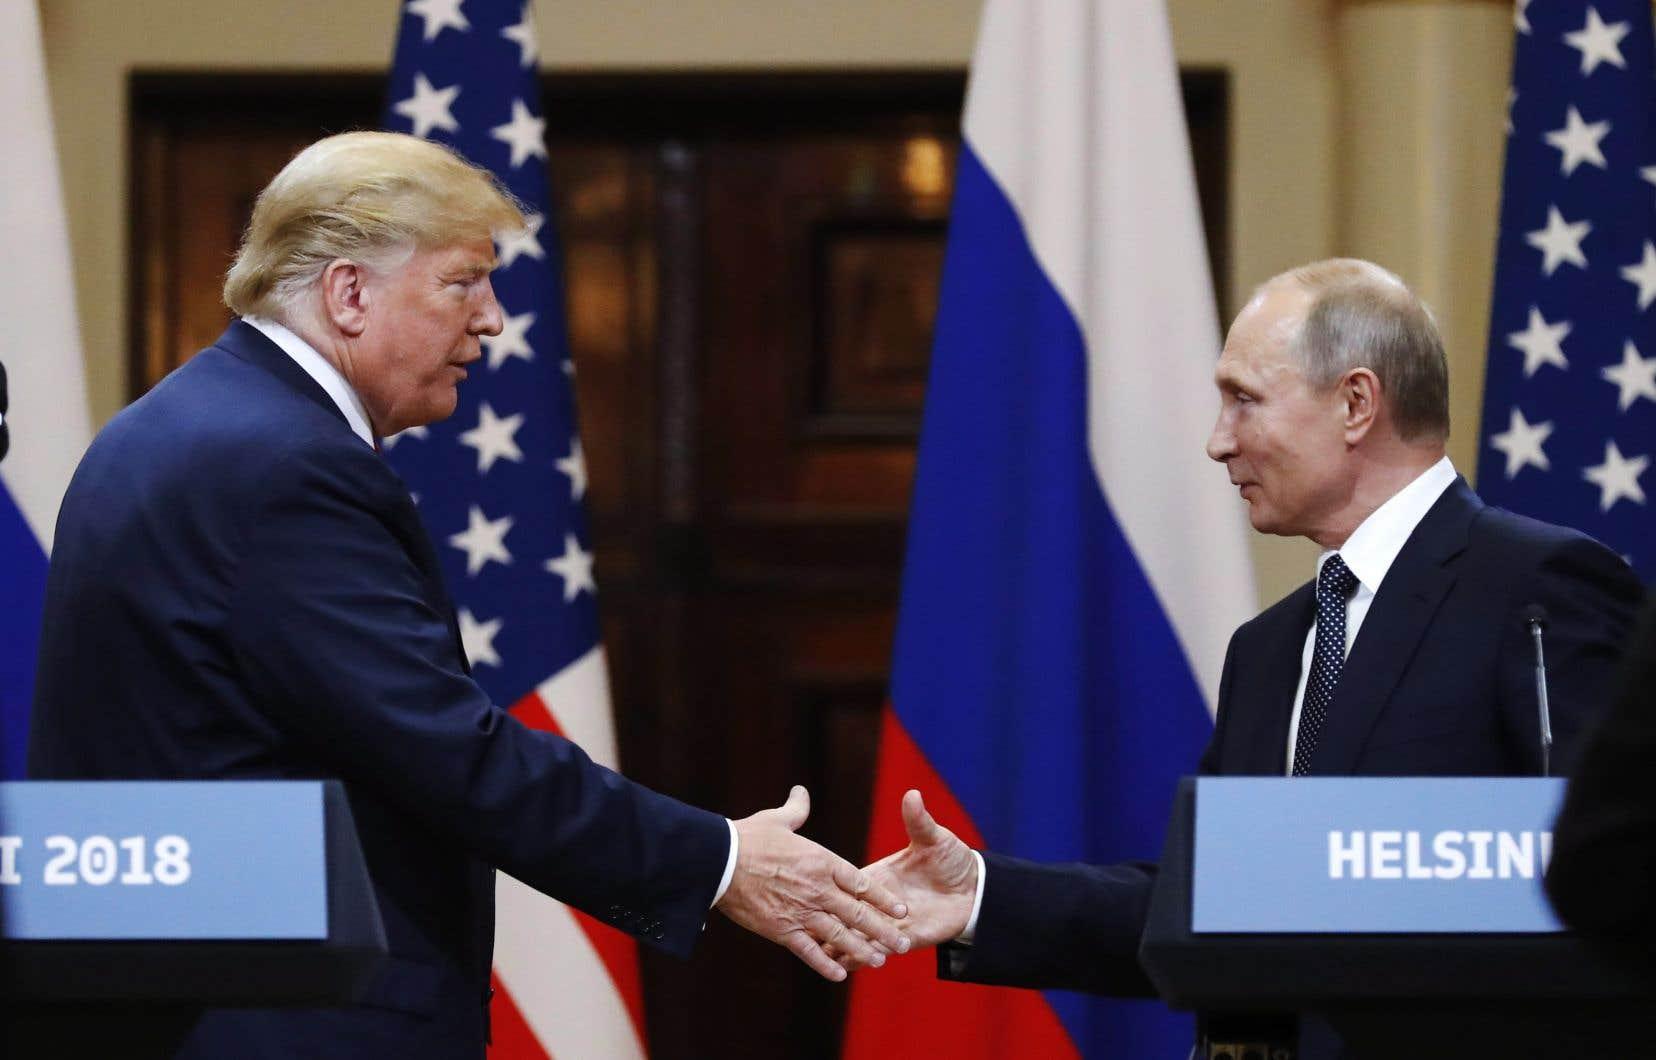 Jeudi après-midi, la Maison-Blanche a tenté de clore une des nombreuses polémiques nées de la désormais célèbre conférence de presse sur la Baltique.